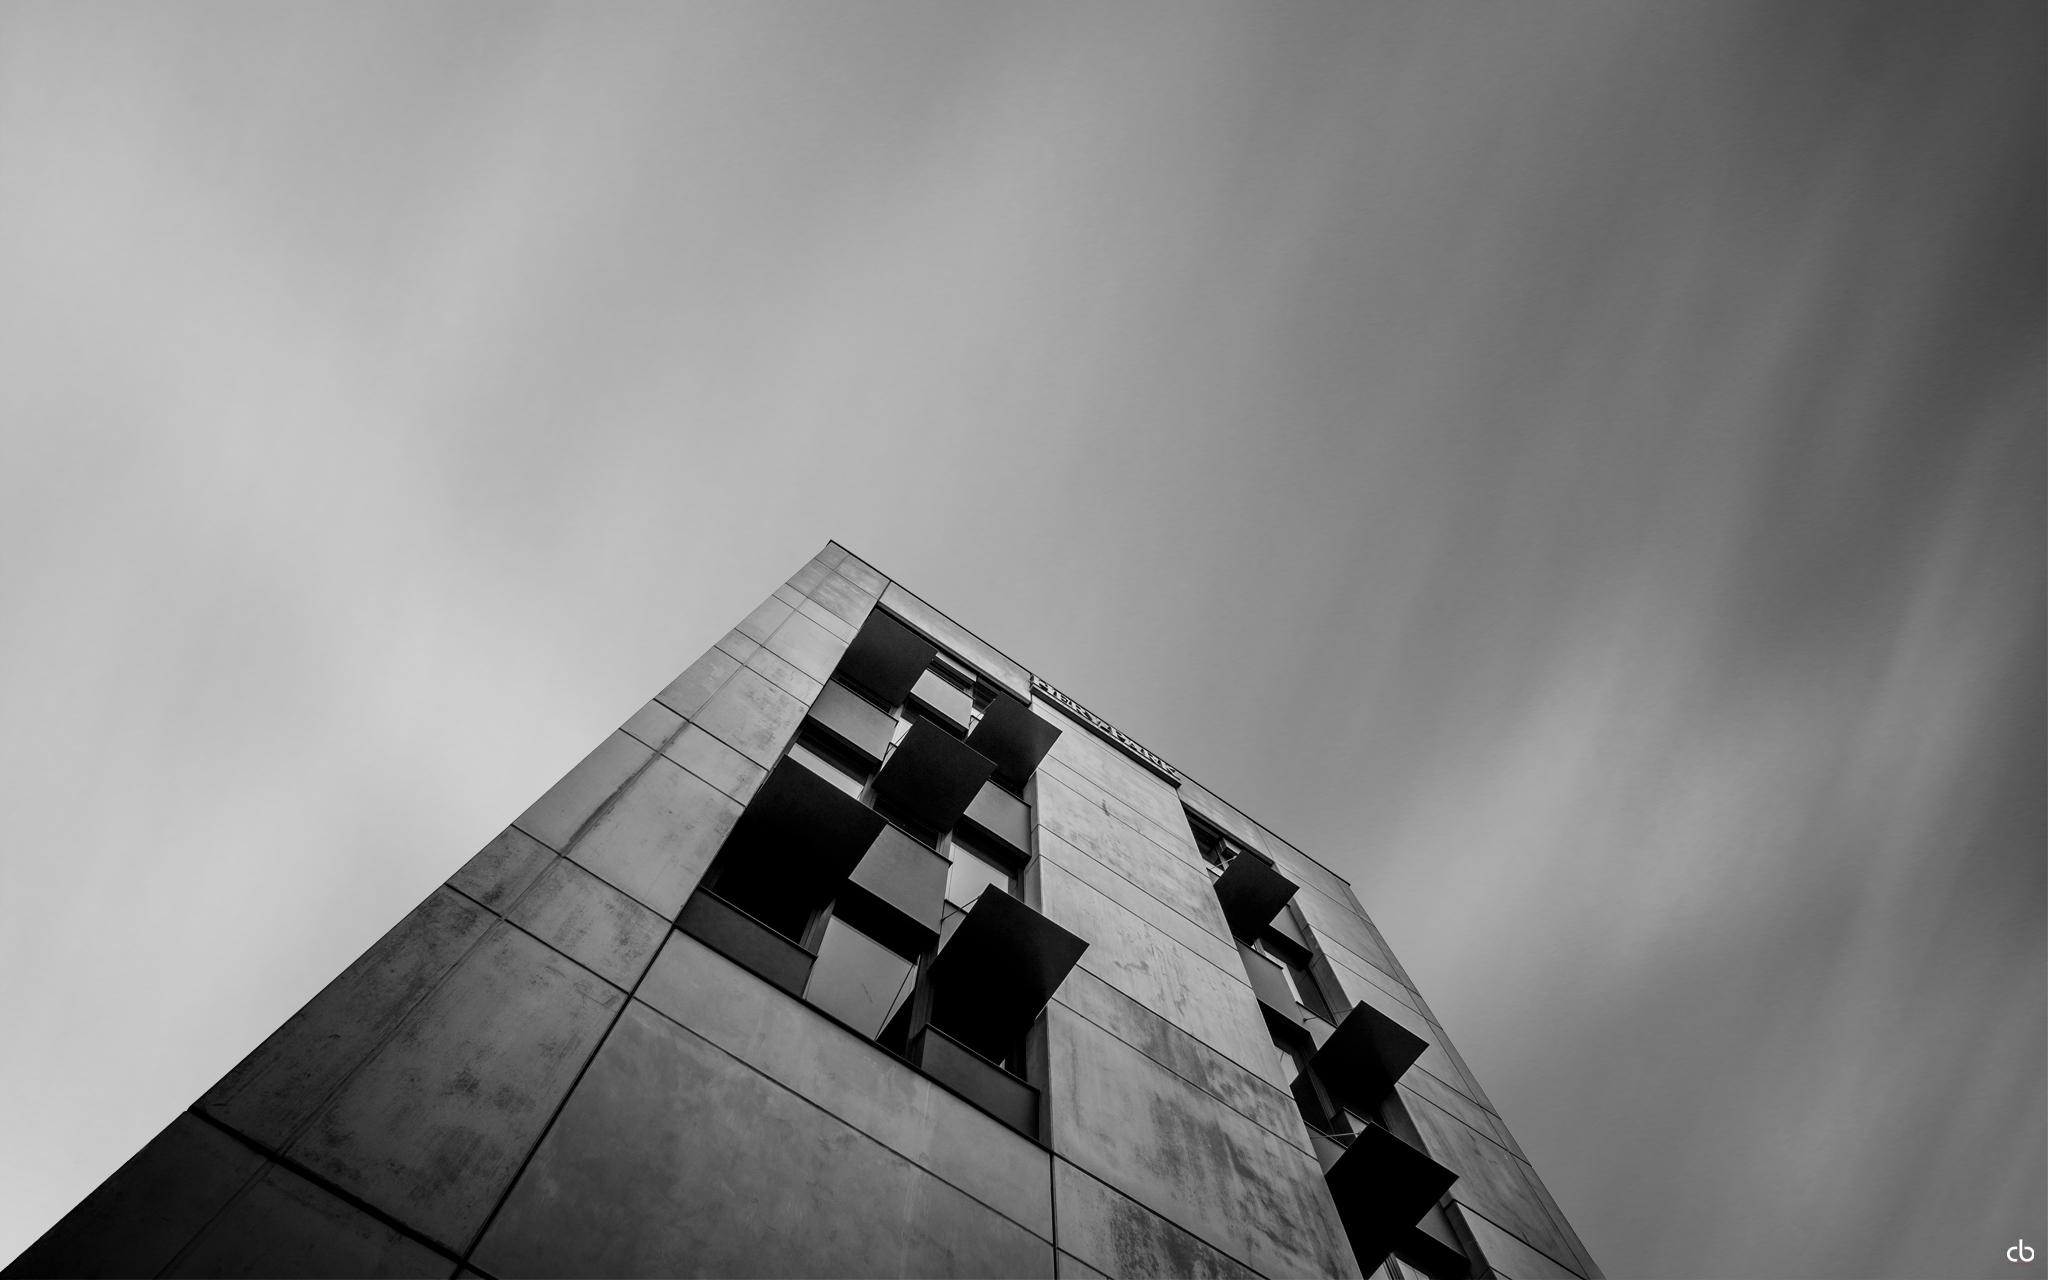 Gebäude - schwarz-weiß